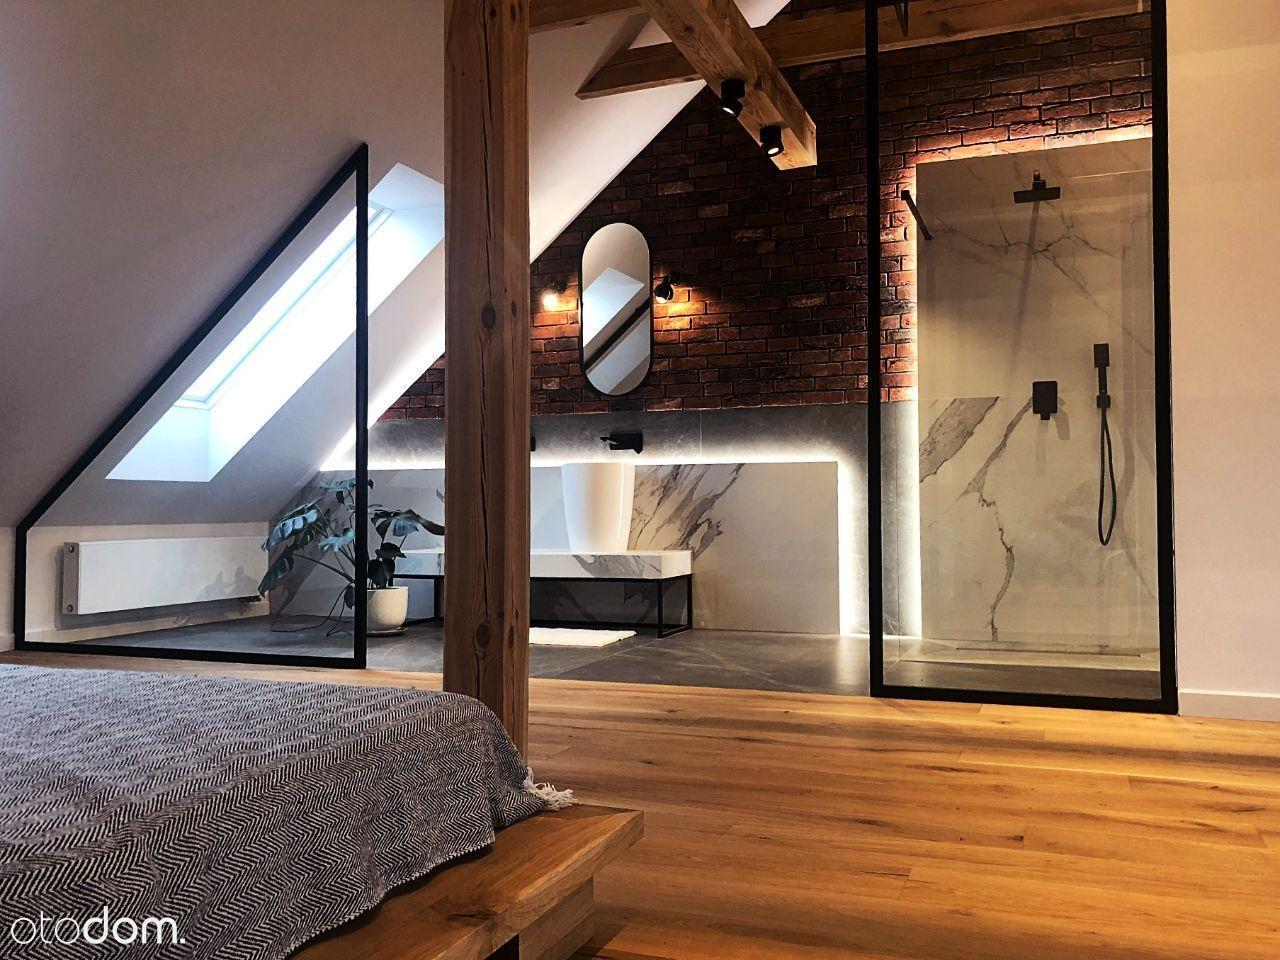 Dwupoziomowe mieszkanie z otwartą przestrzenią